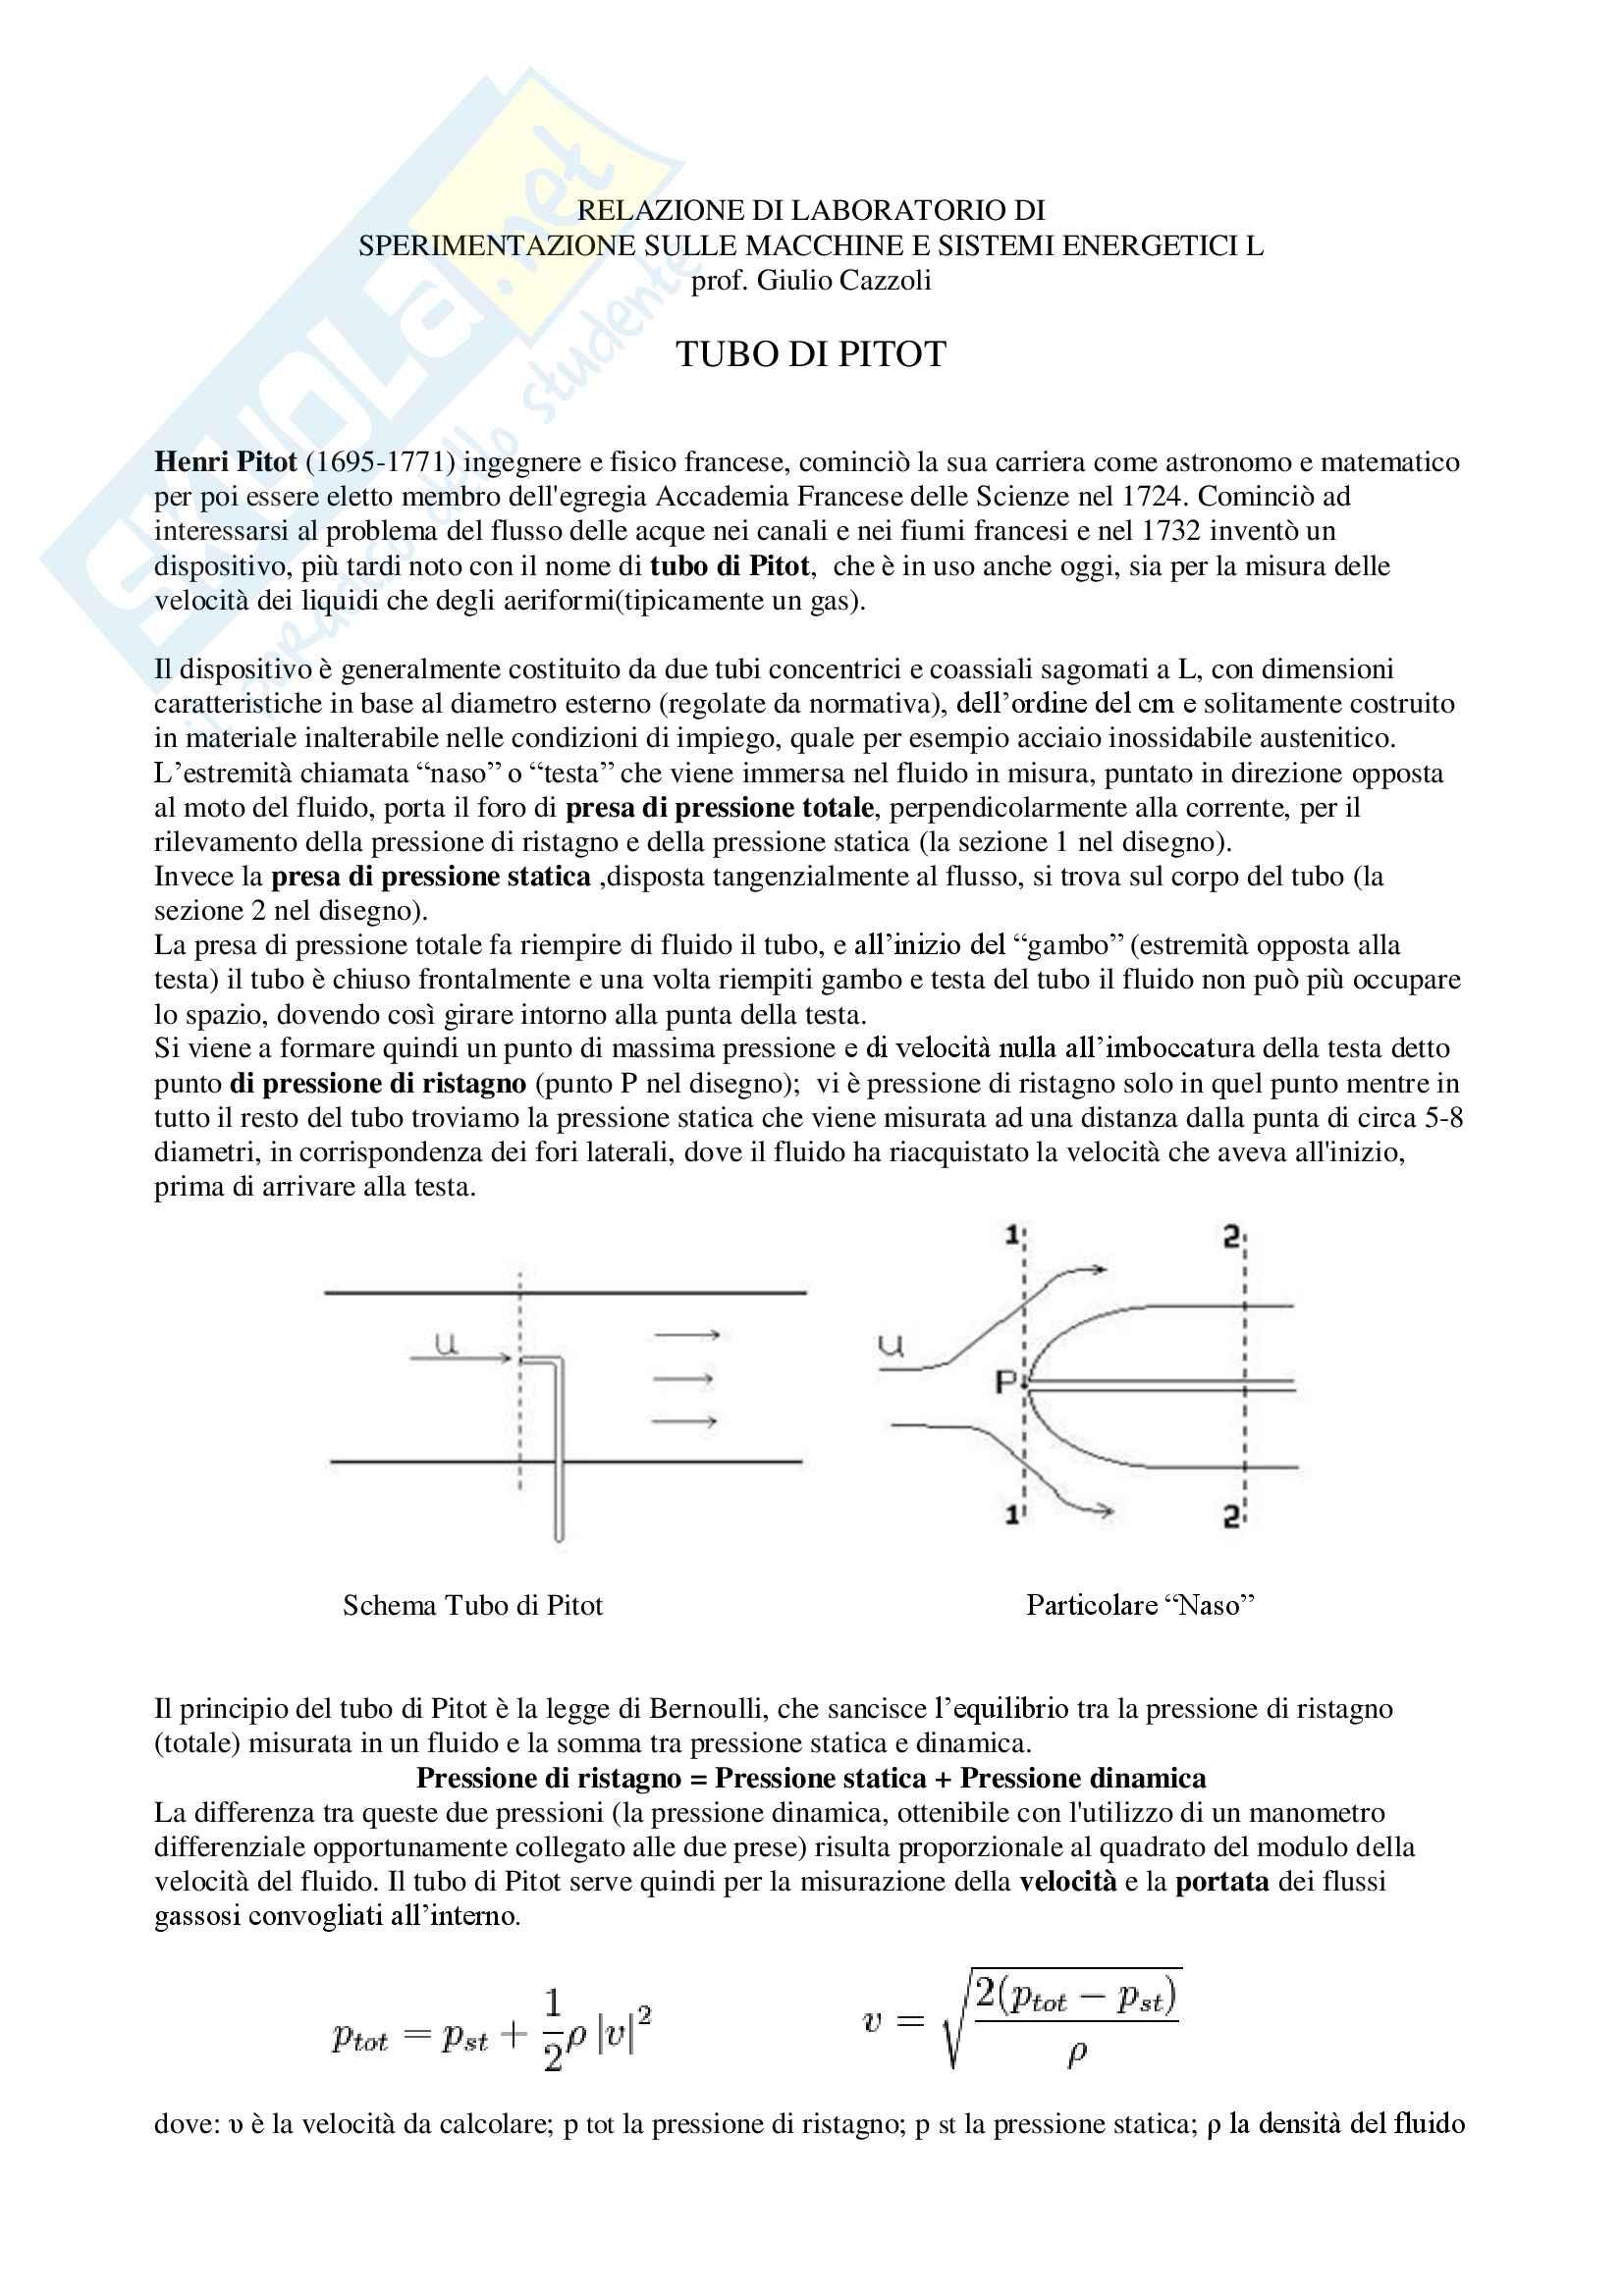 Appunti sul Tubo di Pitot, Laboratorio di Sperimentazione sulle Macchine e Sistemi Energetici